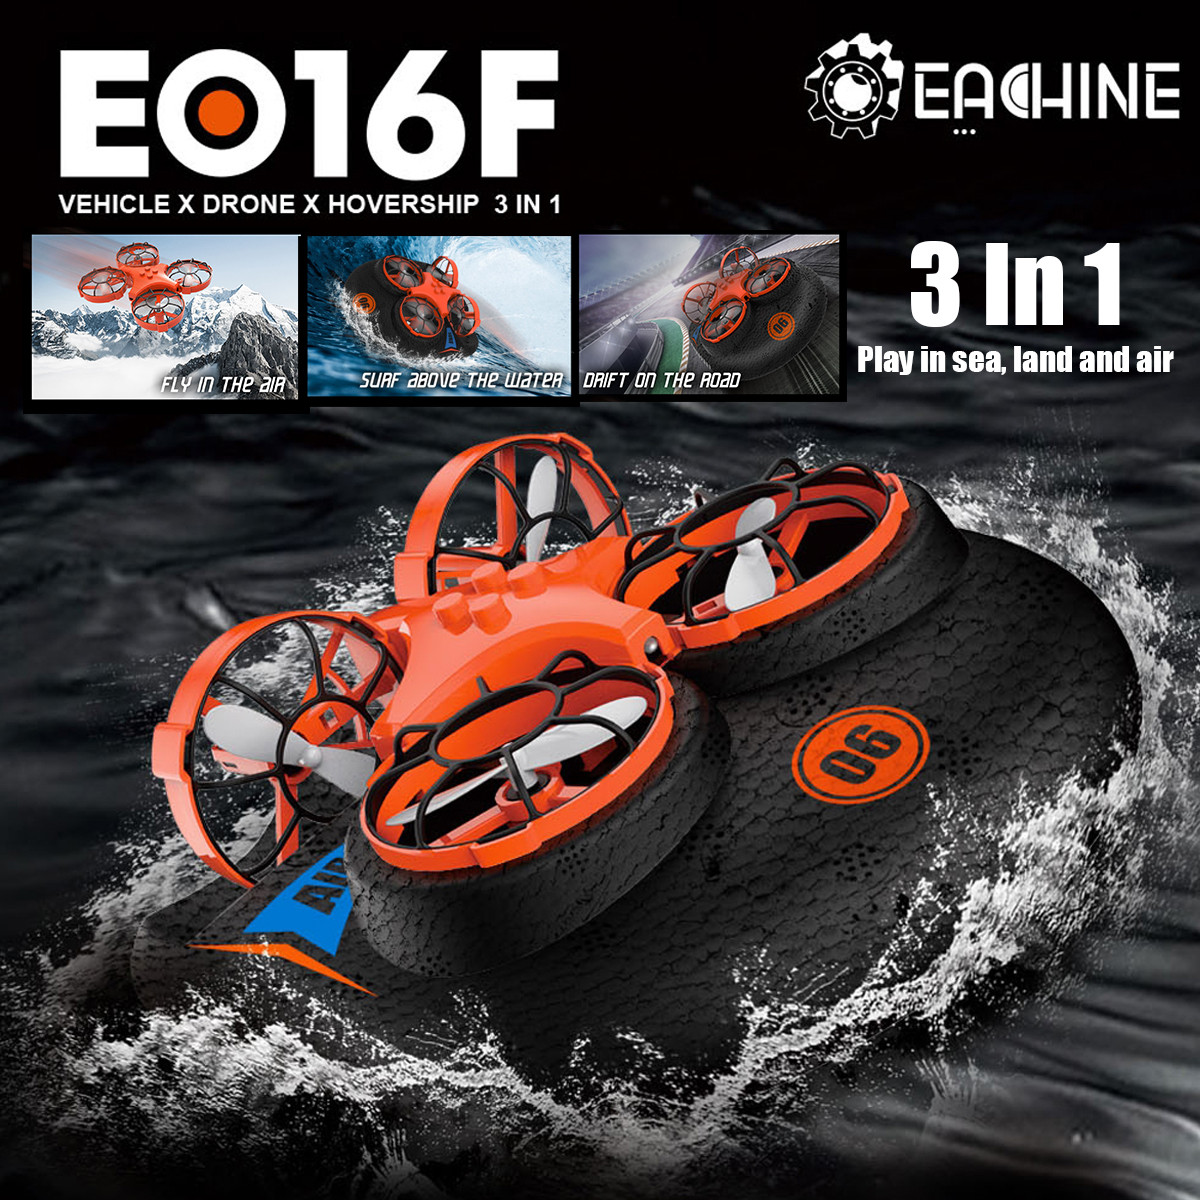 Eachine E016F 3-en-1 EPP avion volant bateau terre Mode de conduite détachable RC Drone quadrirotor pour enfant cadeau 1